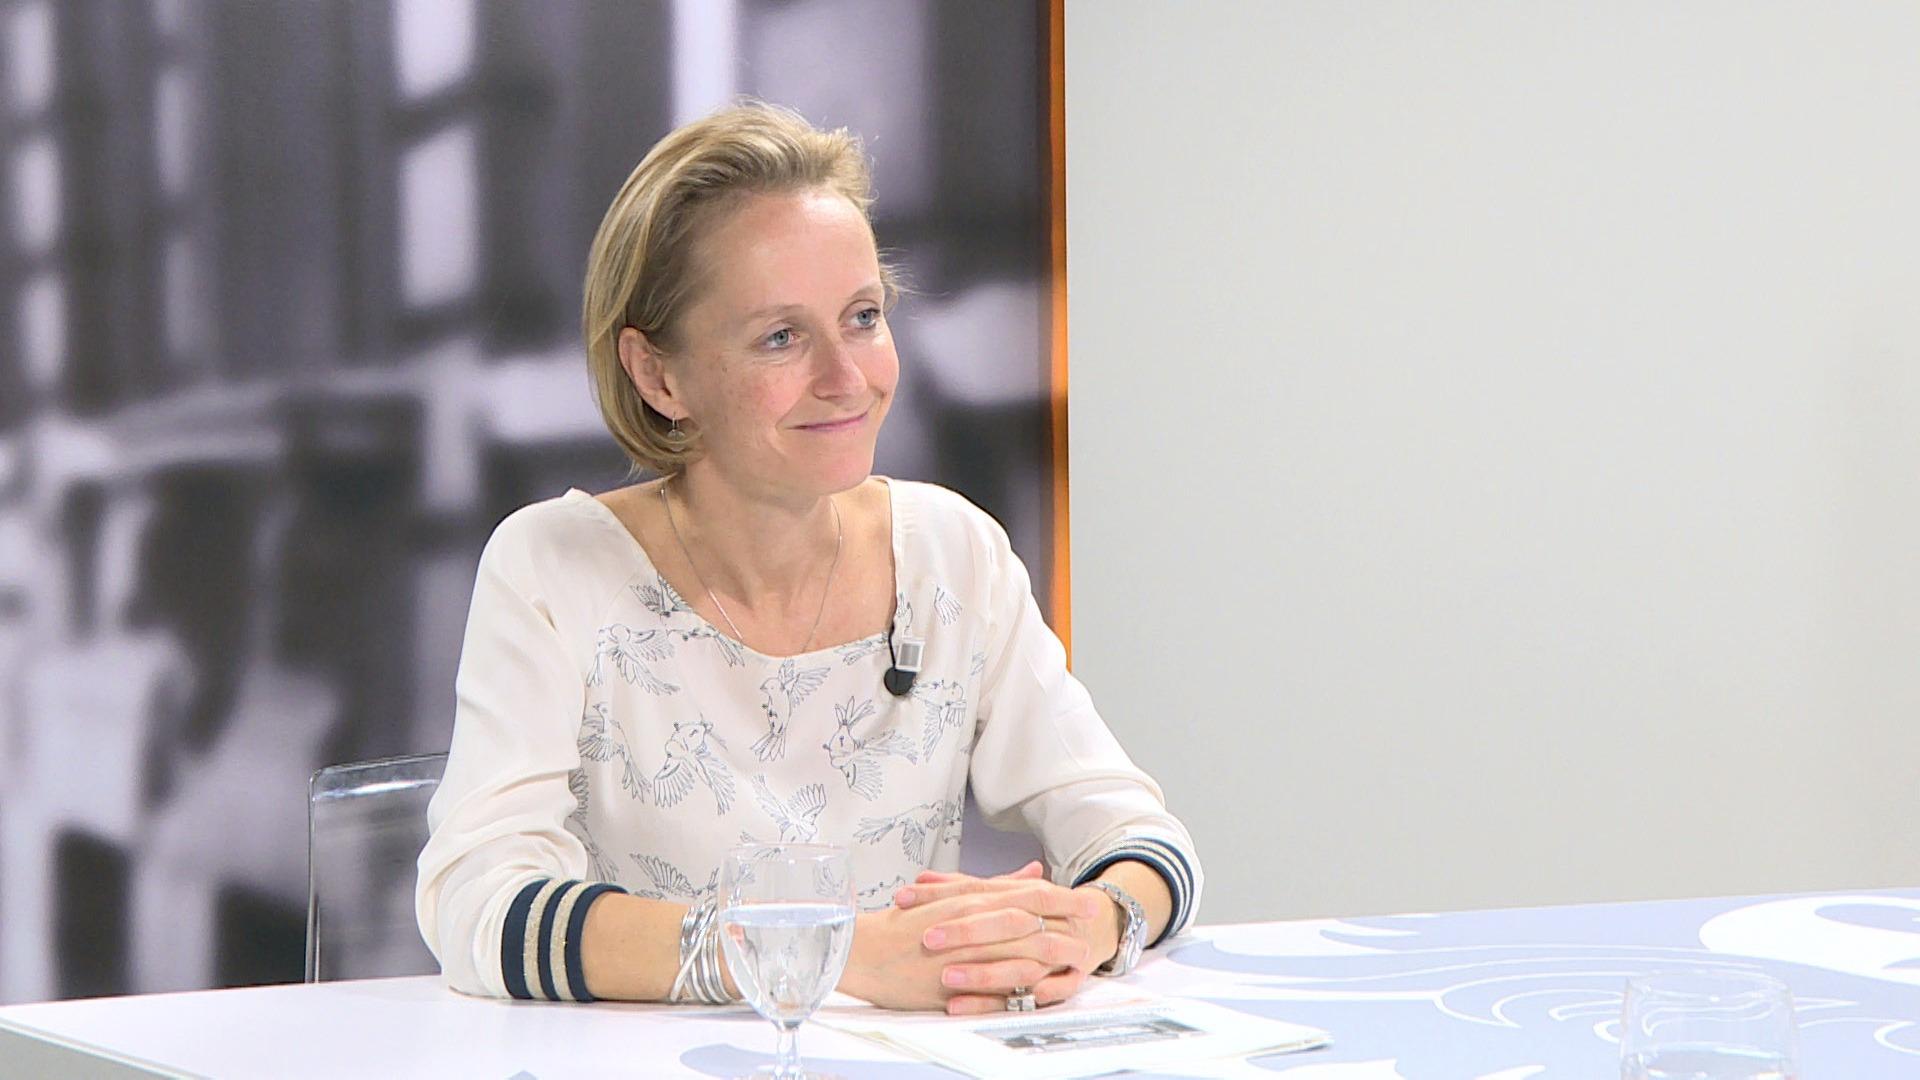 Studio Vlaams Parlement: Annick De Ridder over vrouwenrijscholen